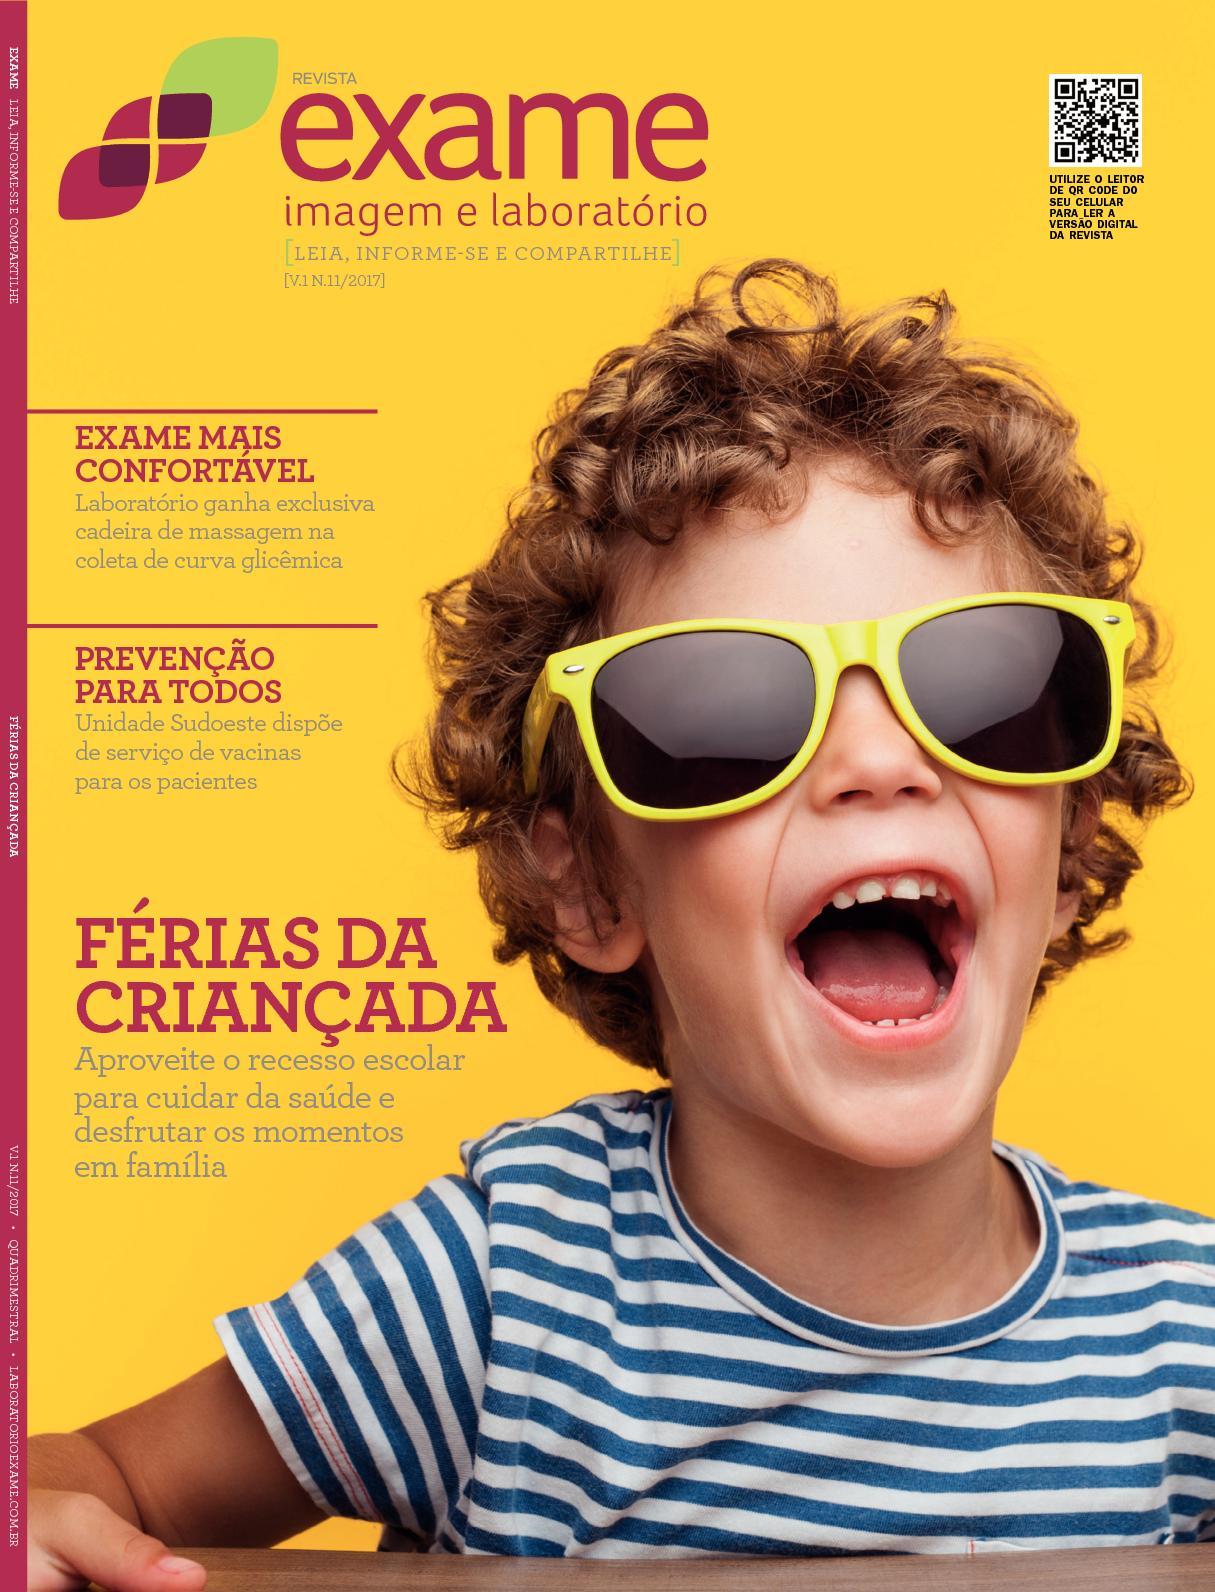 e933234fcd144 Calaméo - Revista Exame 11ª edição